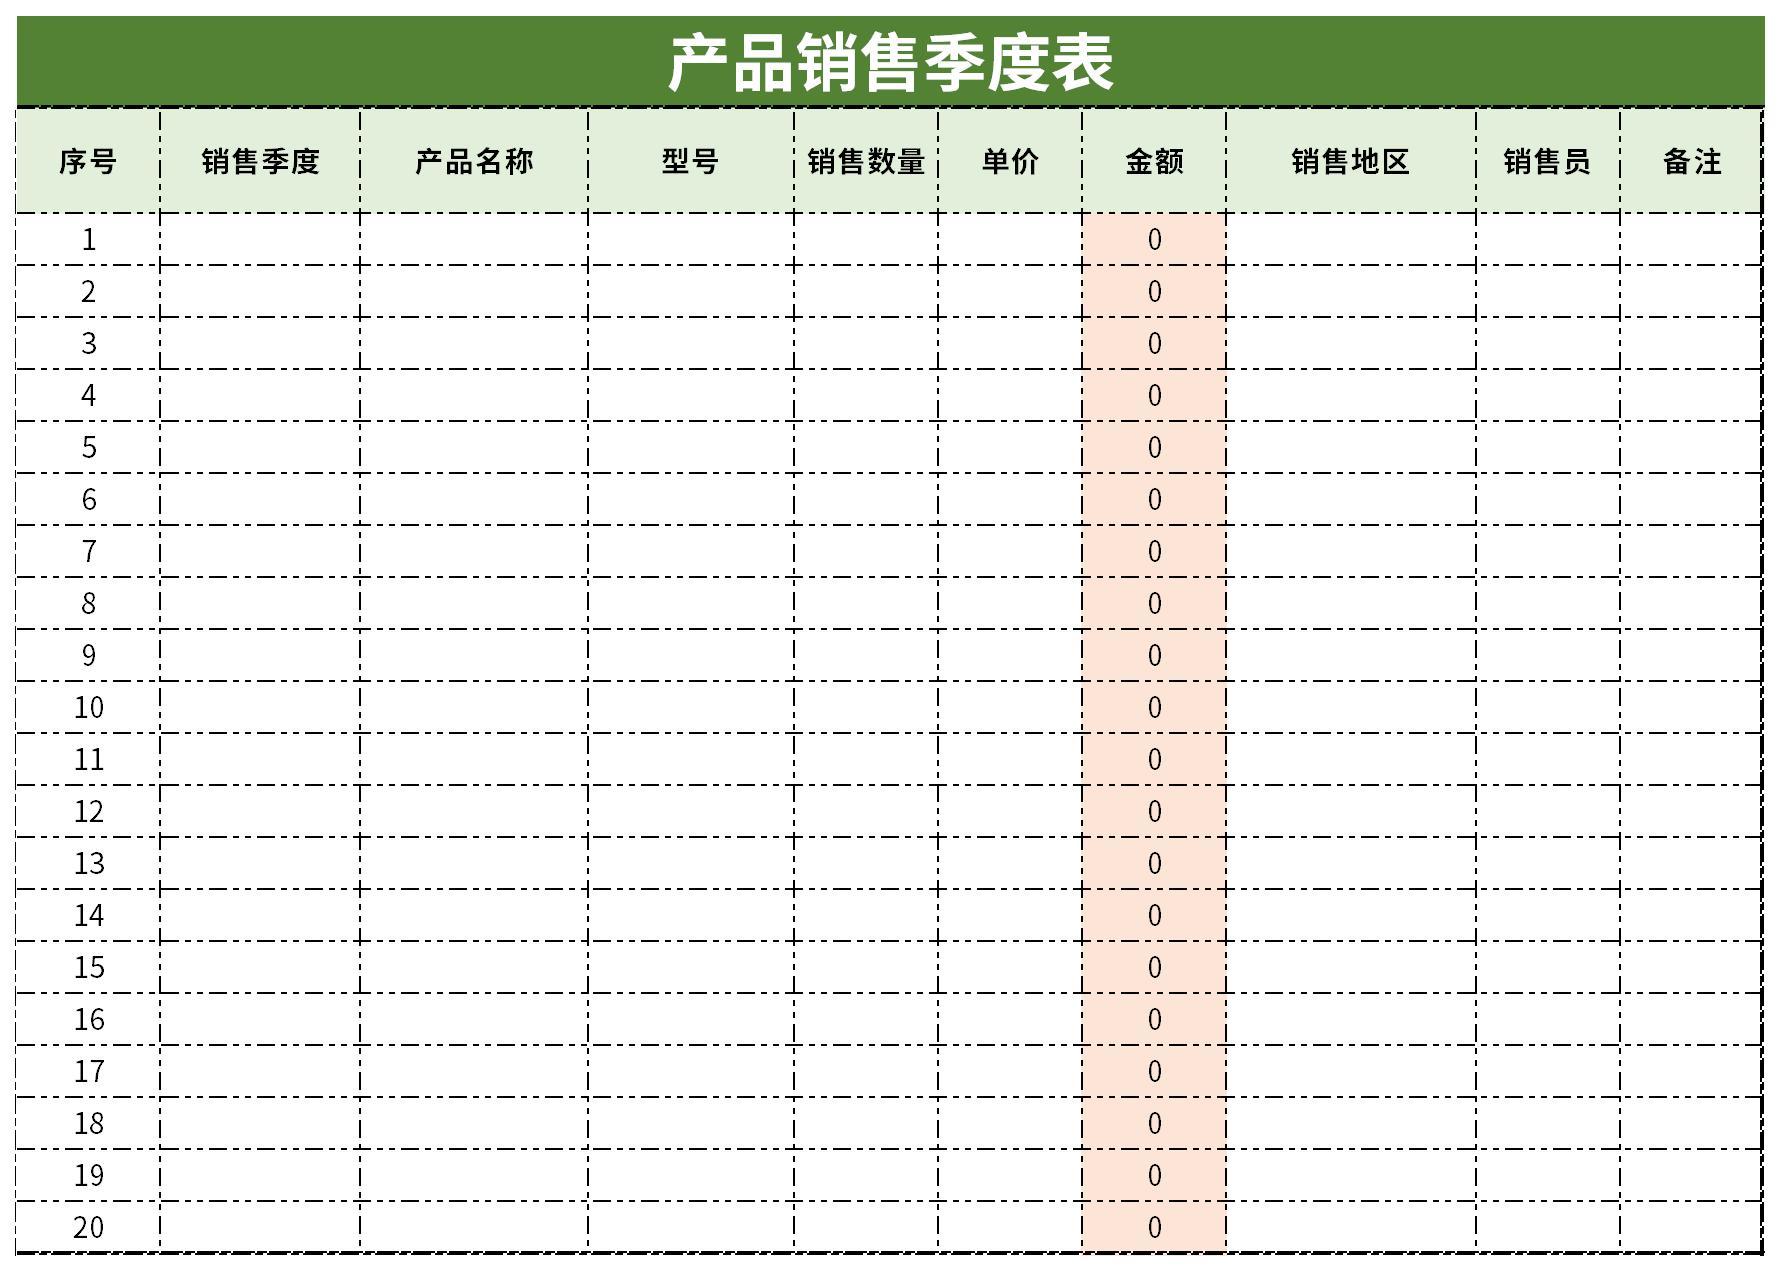 产品销售季度明细表截图